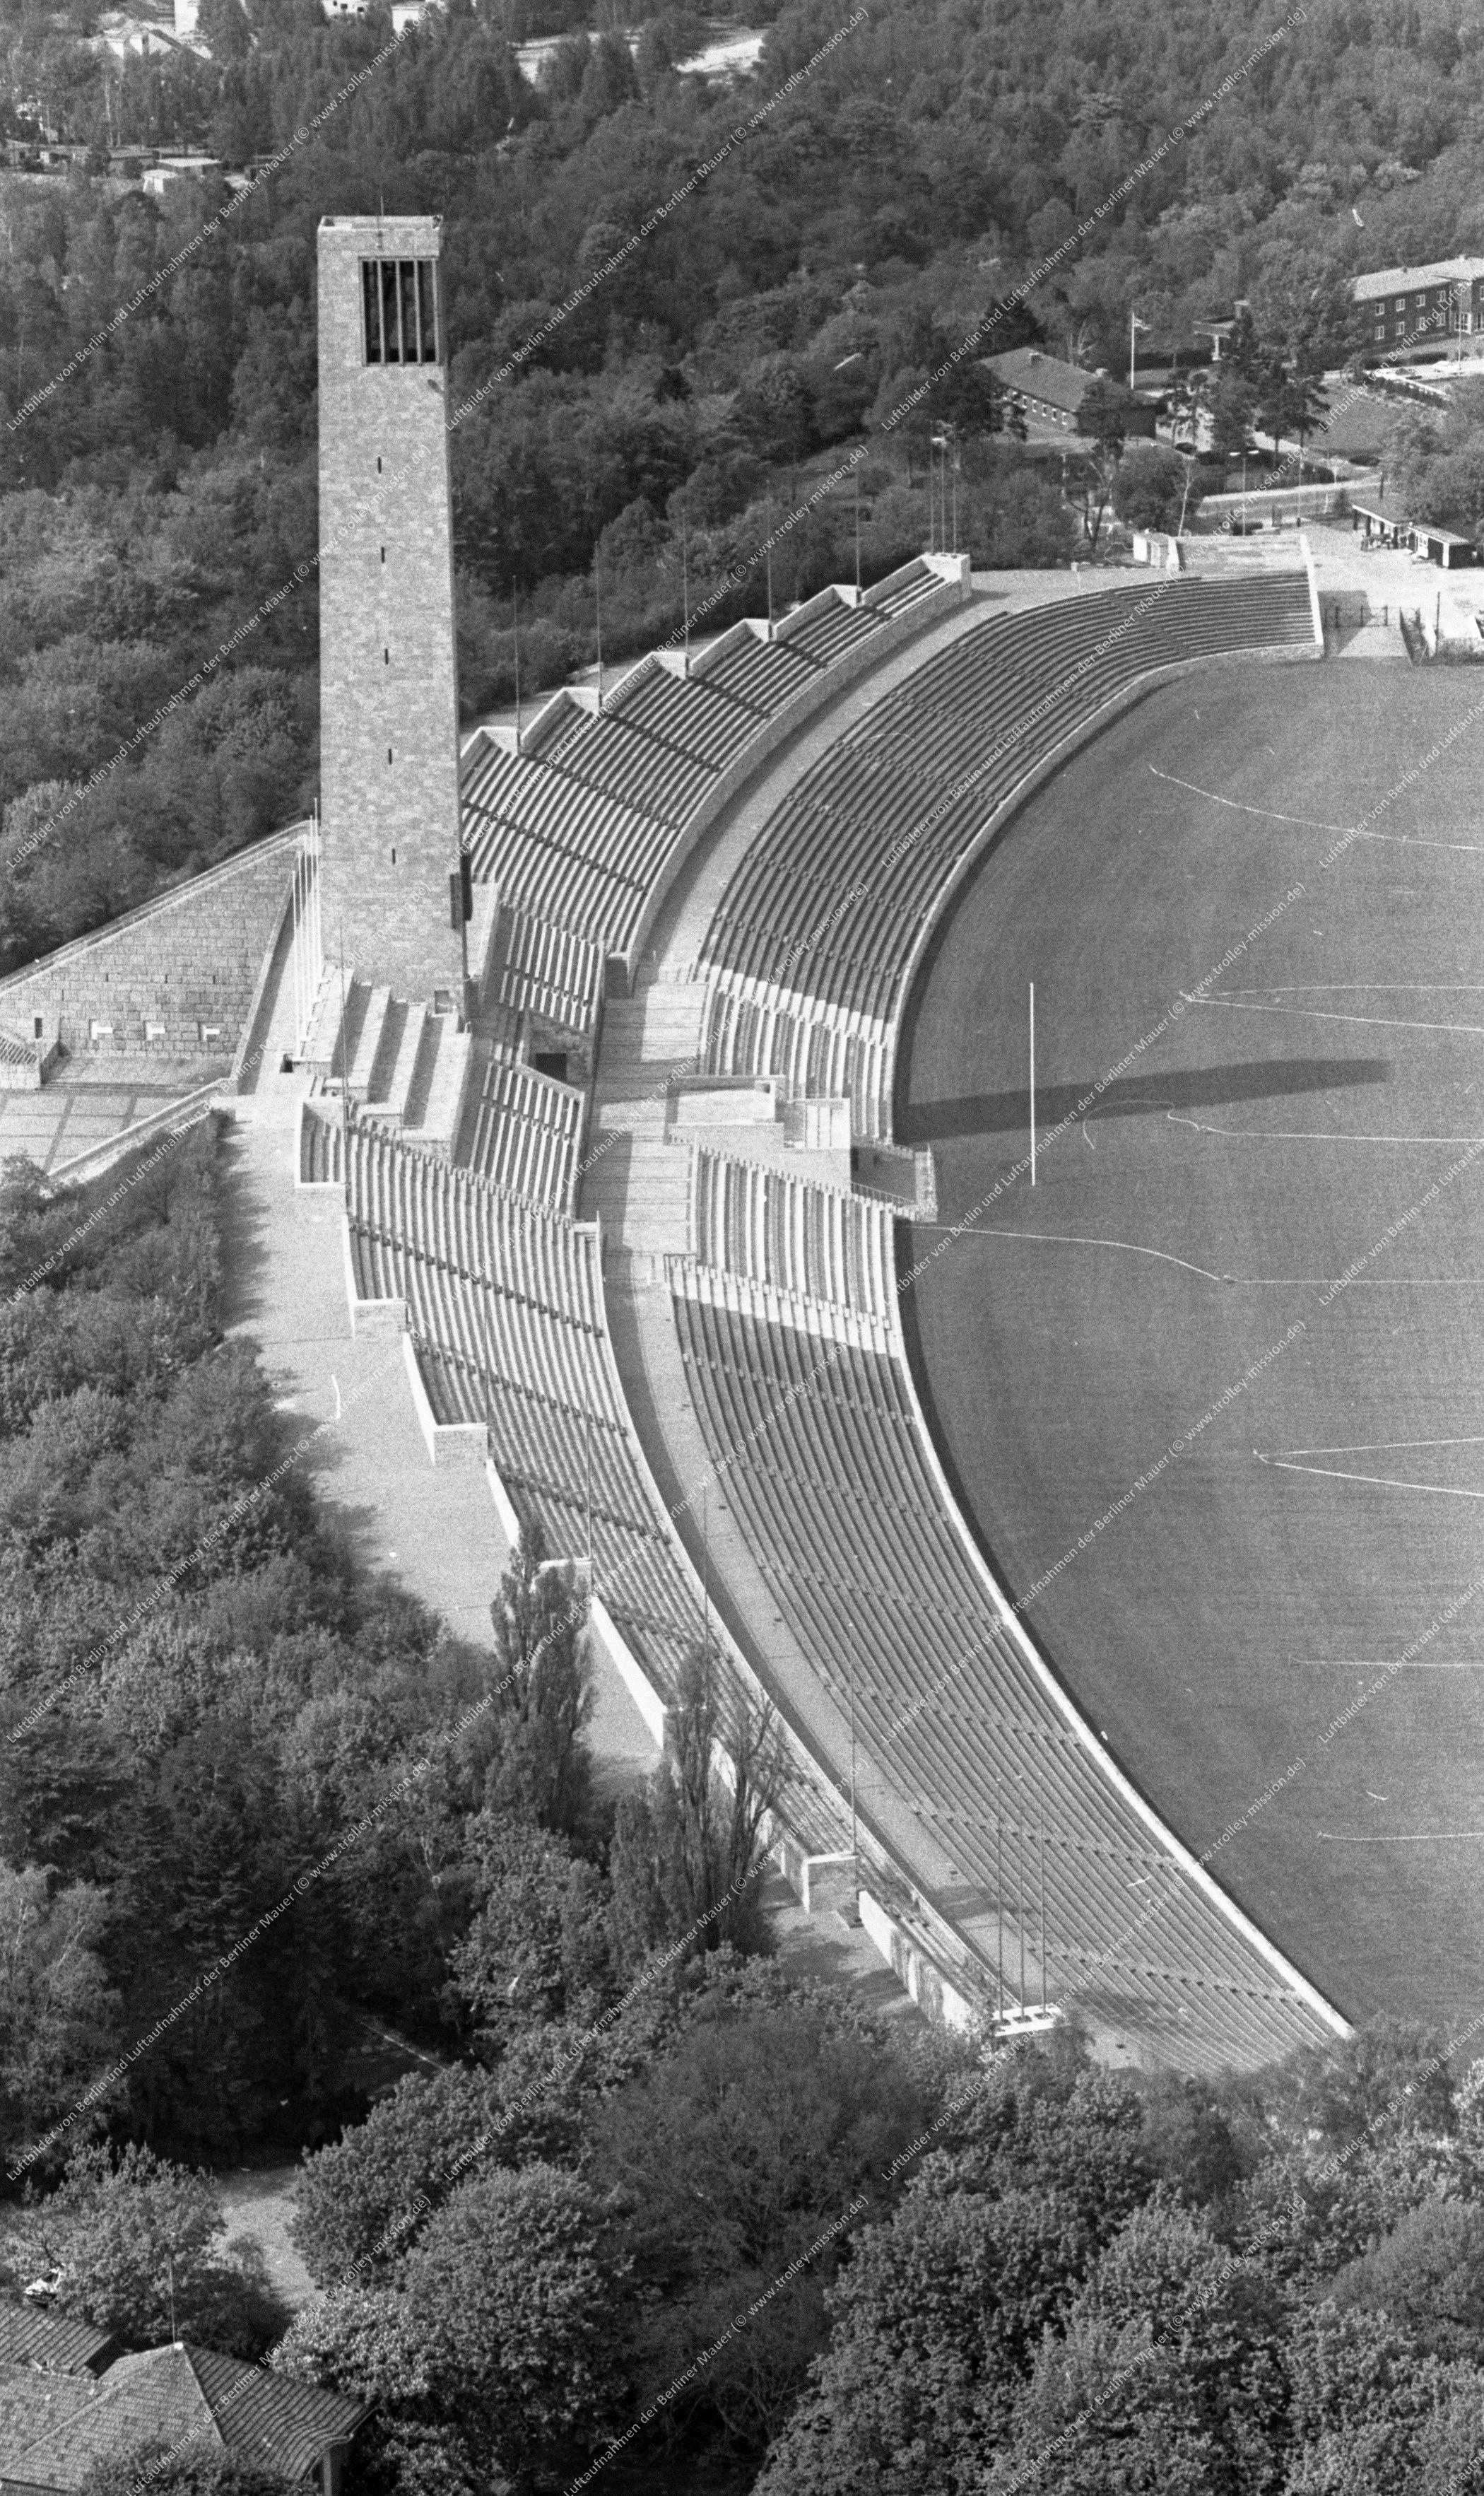 Luftaufnahme vom Berliner Olympiagelände (Reichssportfeld) vom 12. Mai 1982 (Bild 081)